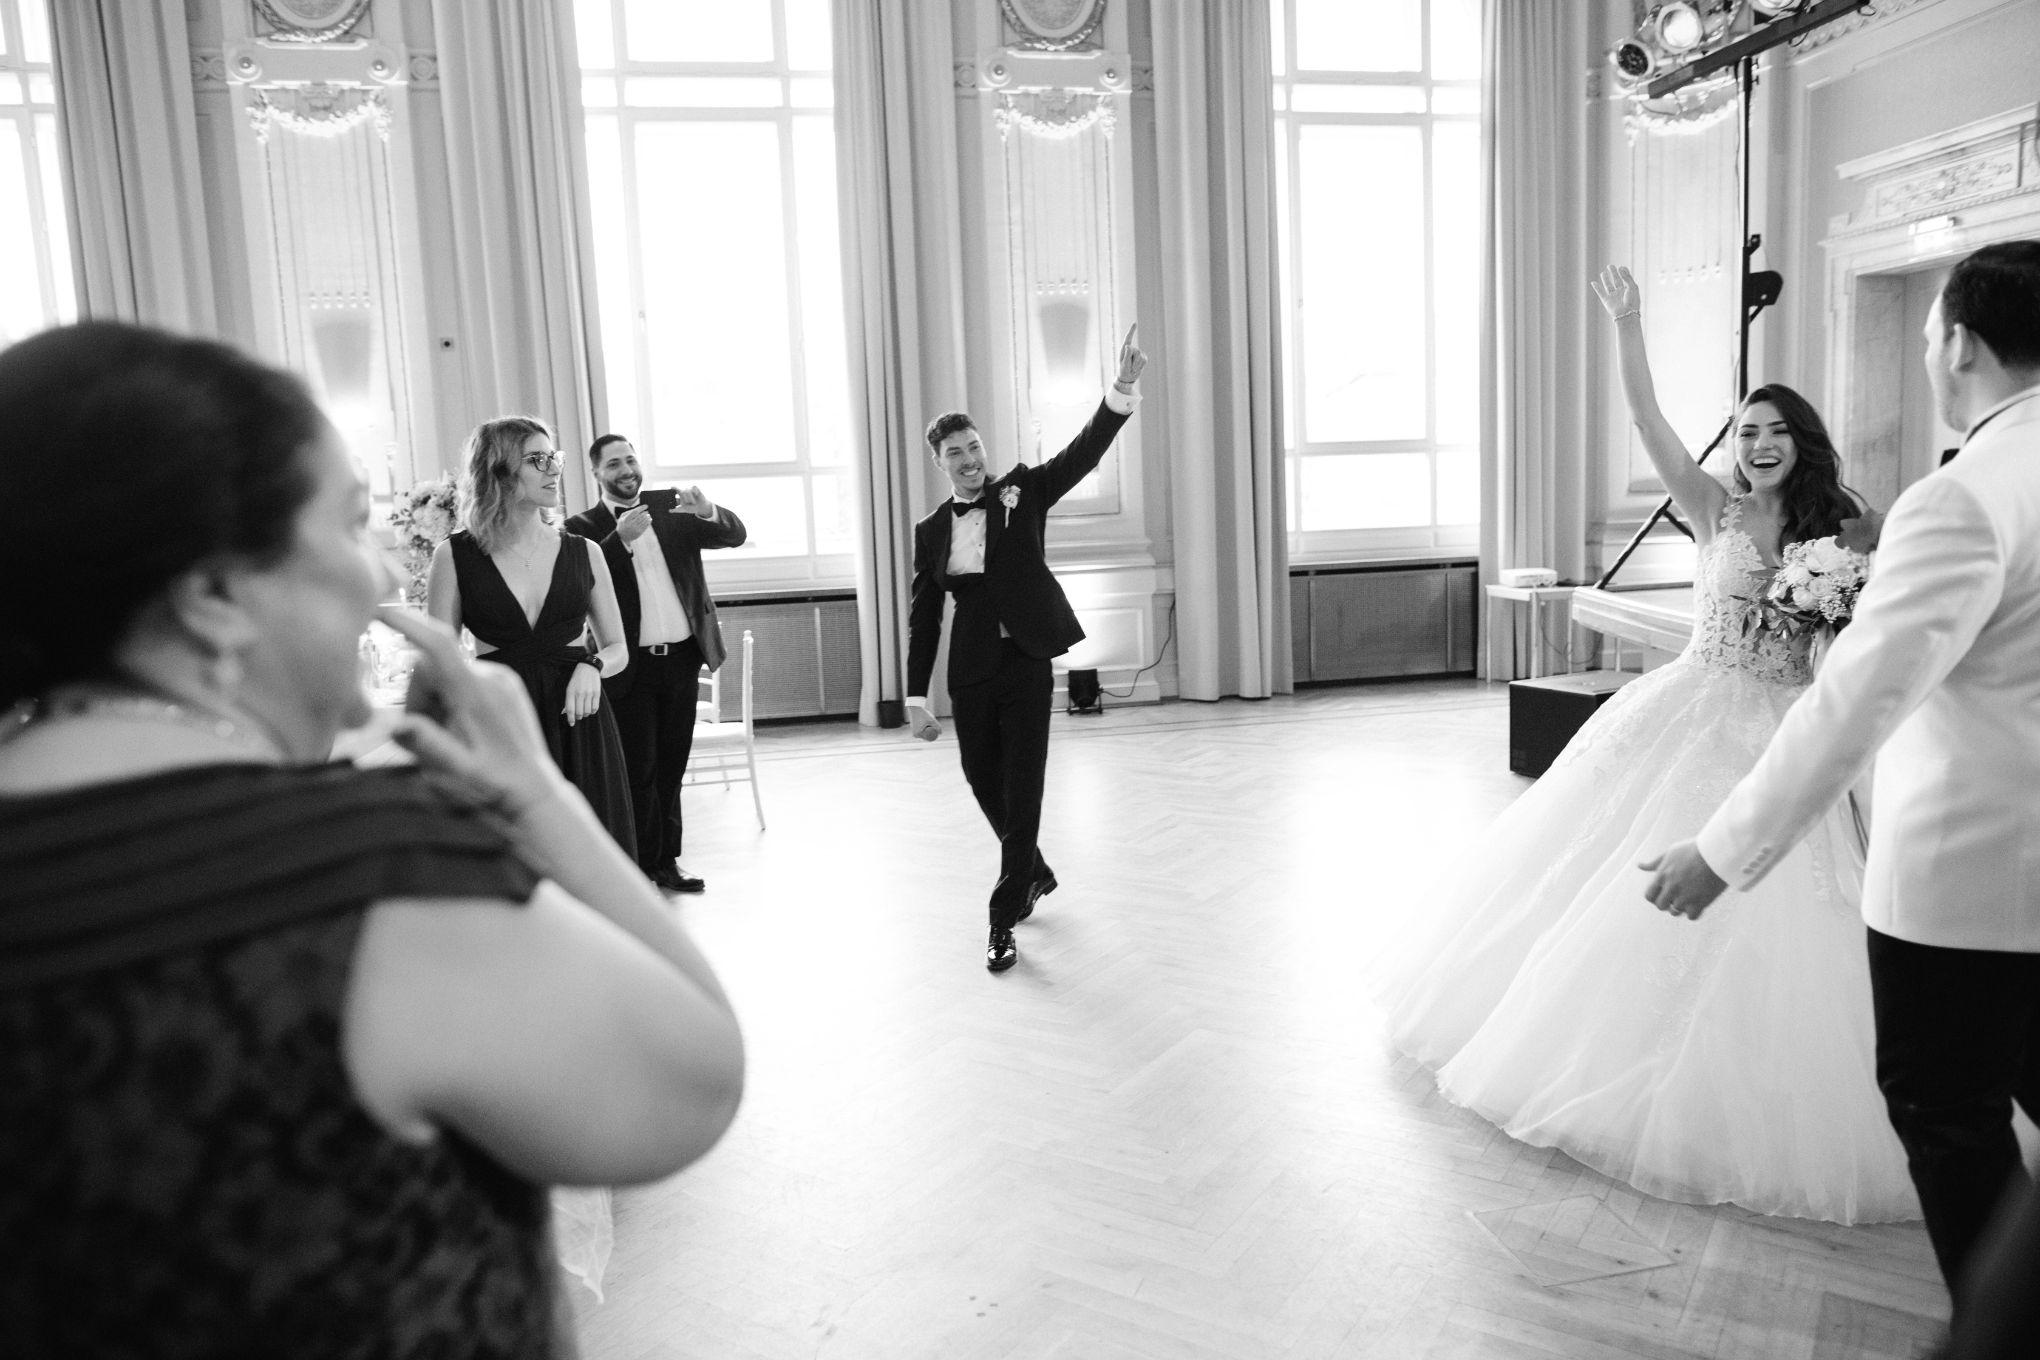 Historische-Stadthalle-Wuppertal-Hochzeit-The-Saums-KN-6-30.jpg